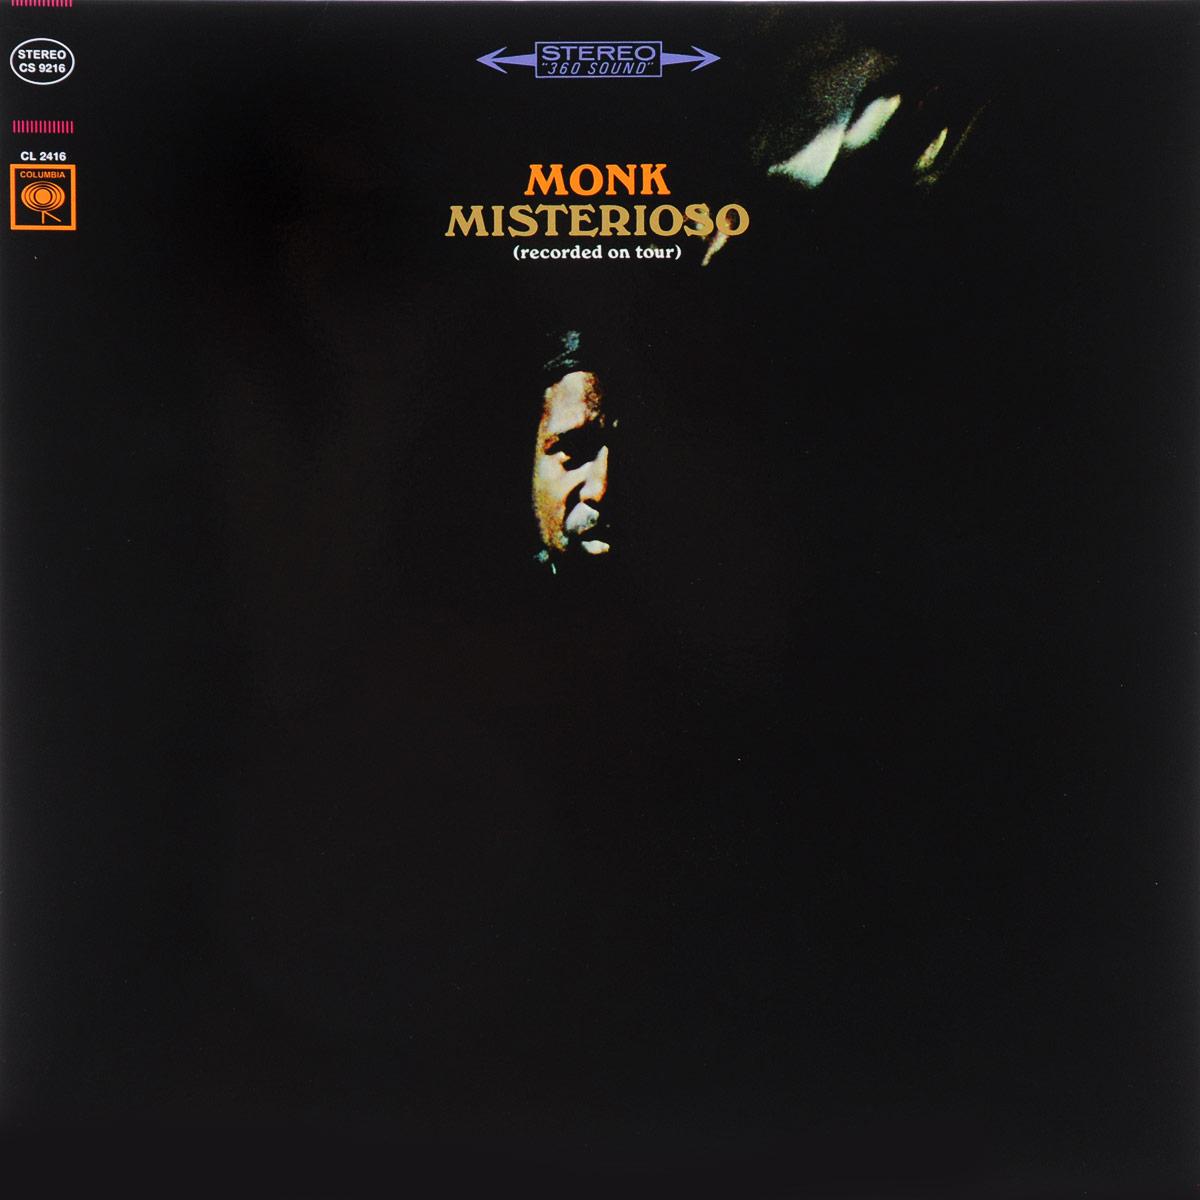 Телониус Монк Thelonious Monk. Misterioso (LP) телониус монк эрролл гарнер jazz piano выпуск 4